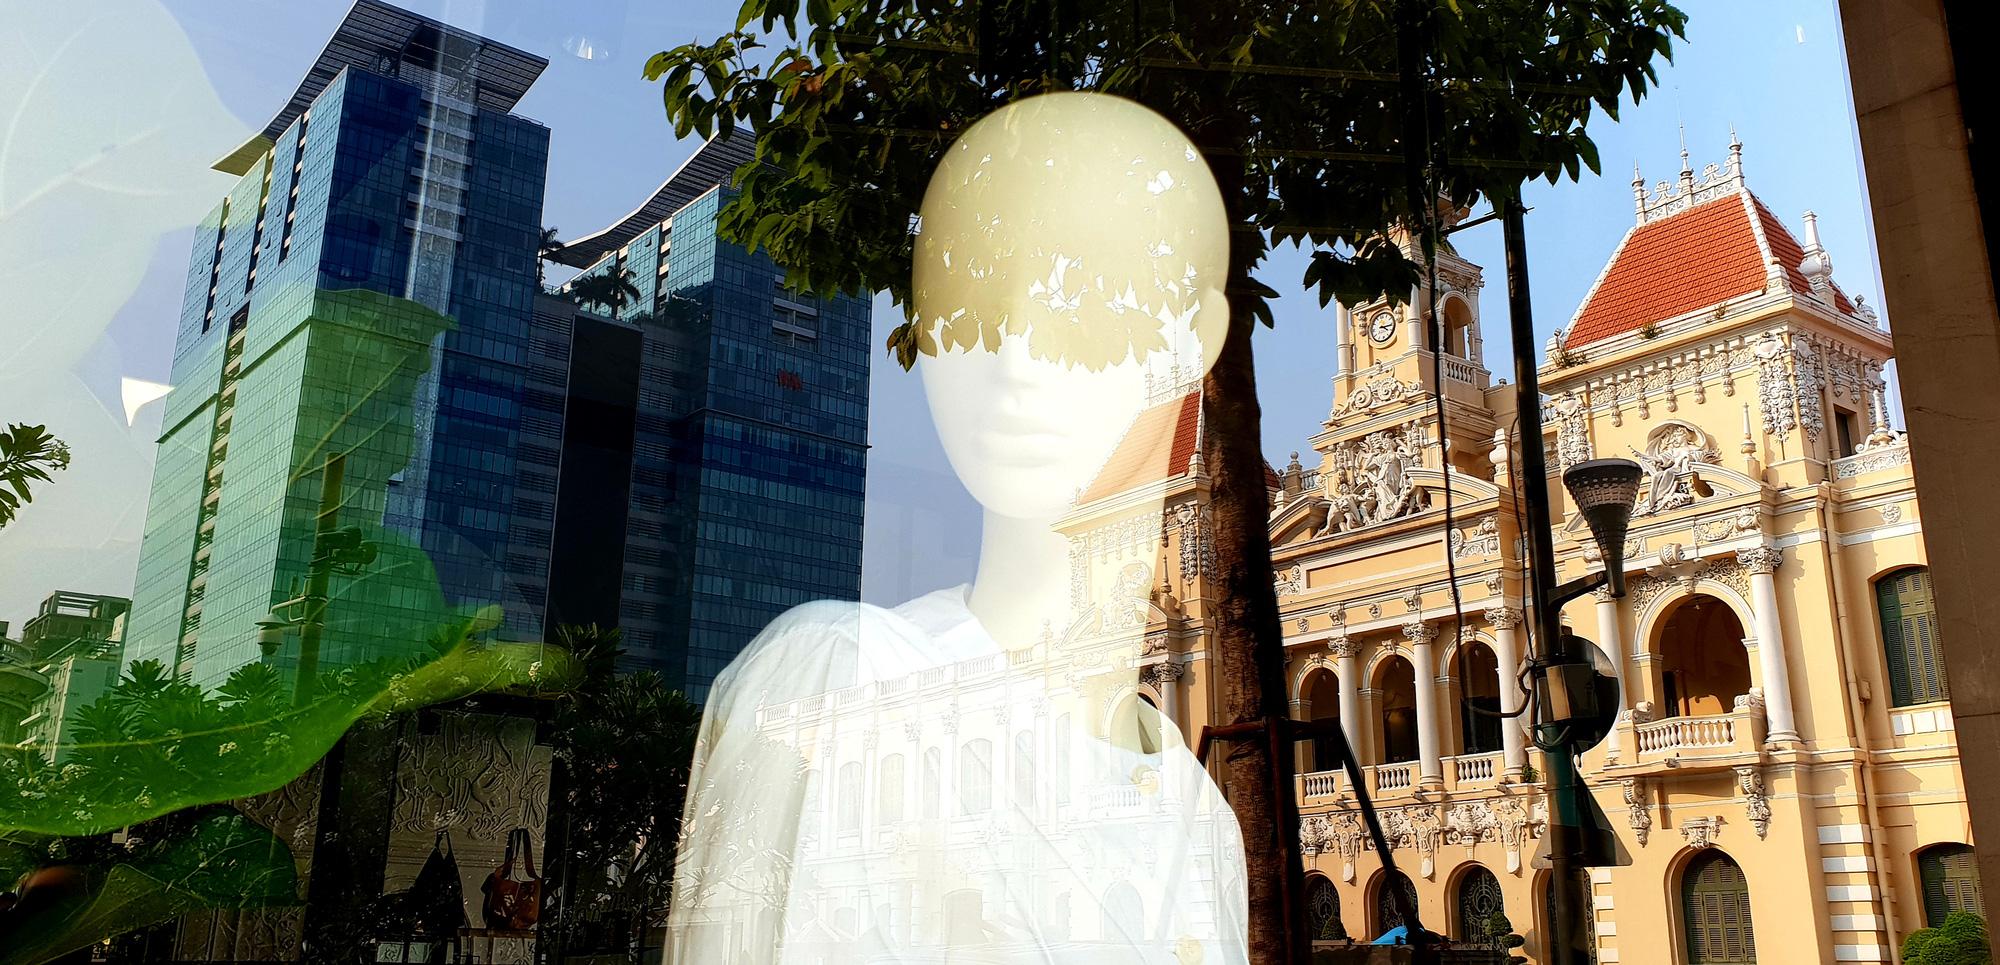 Dạo quanh TP Hồ Chí Minh cùng bloger du lịch nổi tiếng - Ảnh 9.